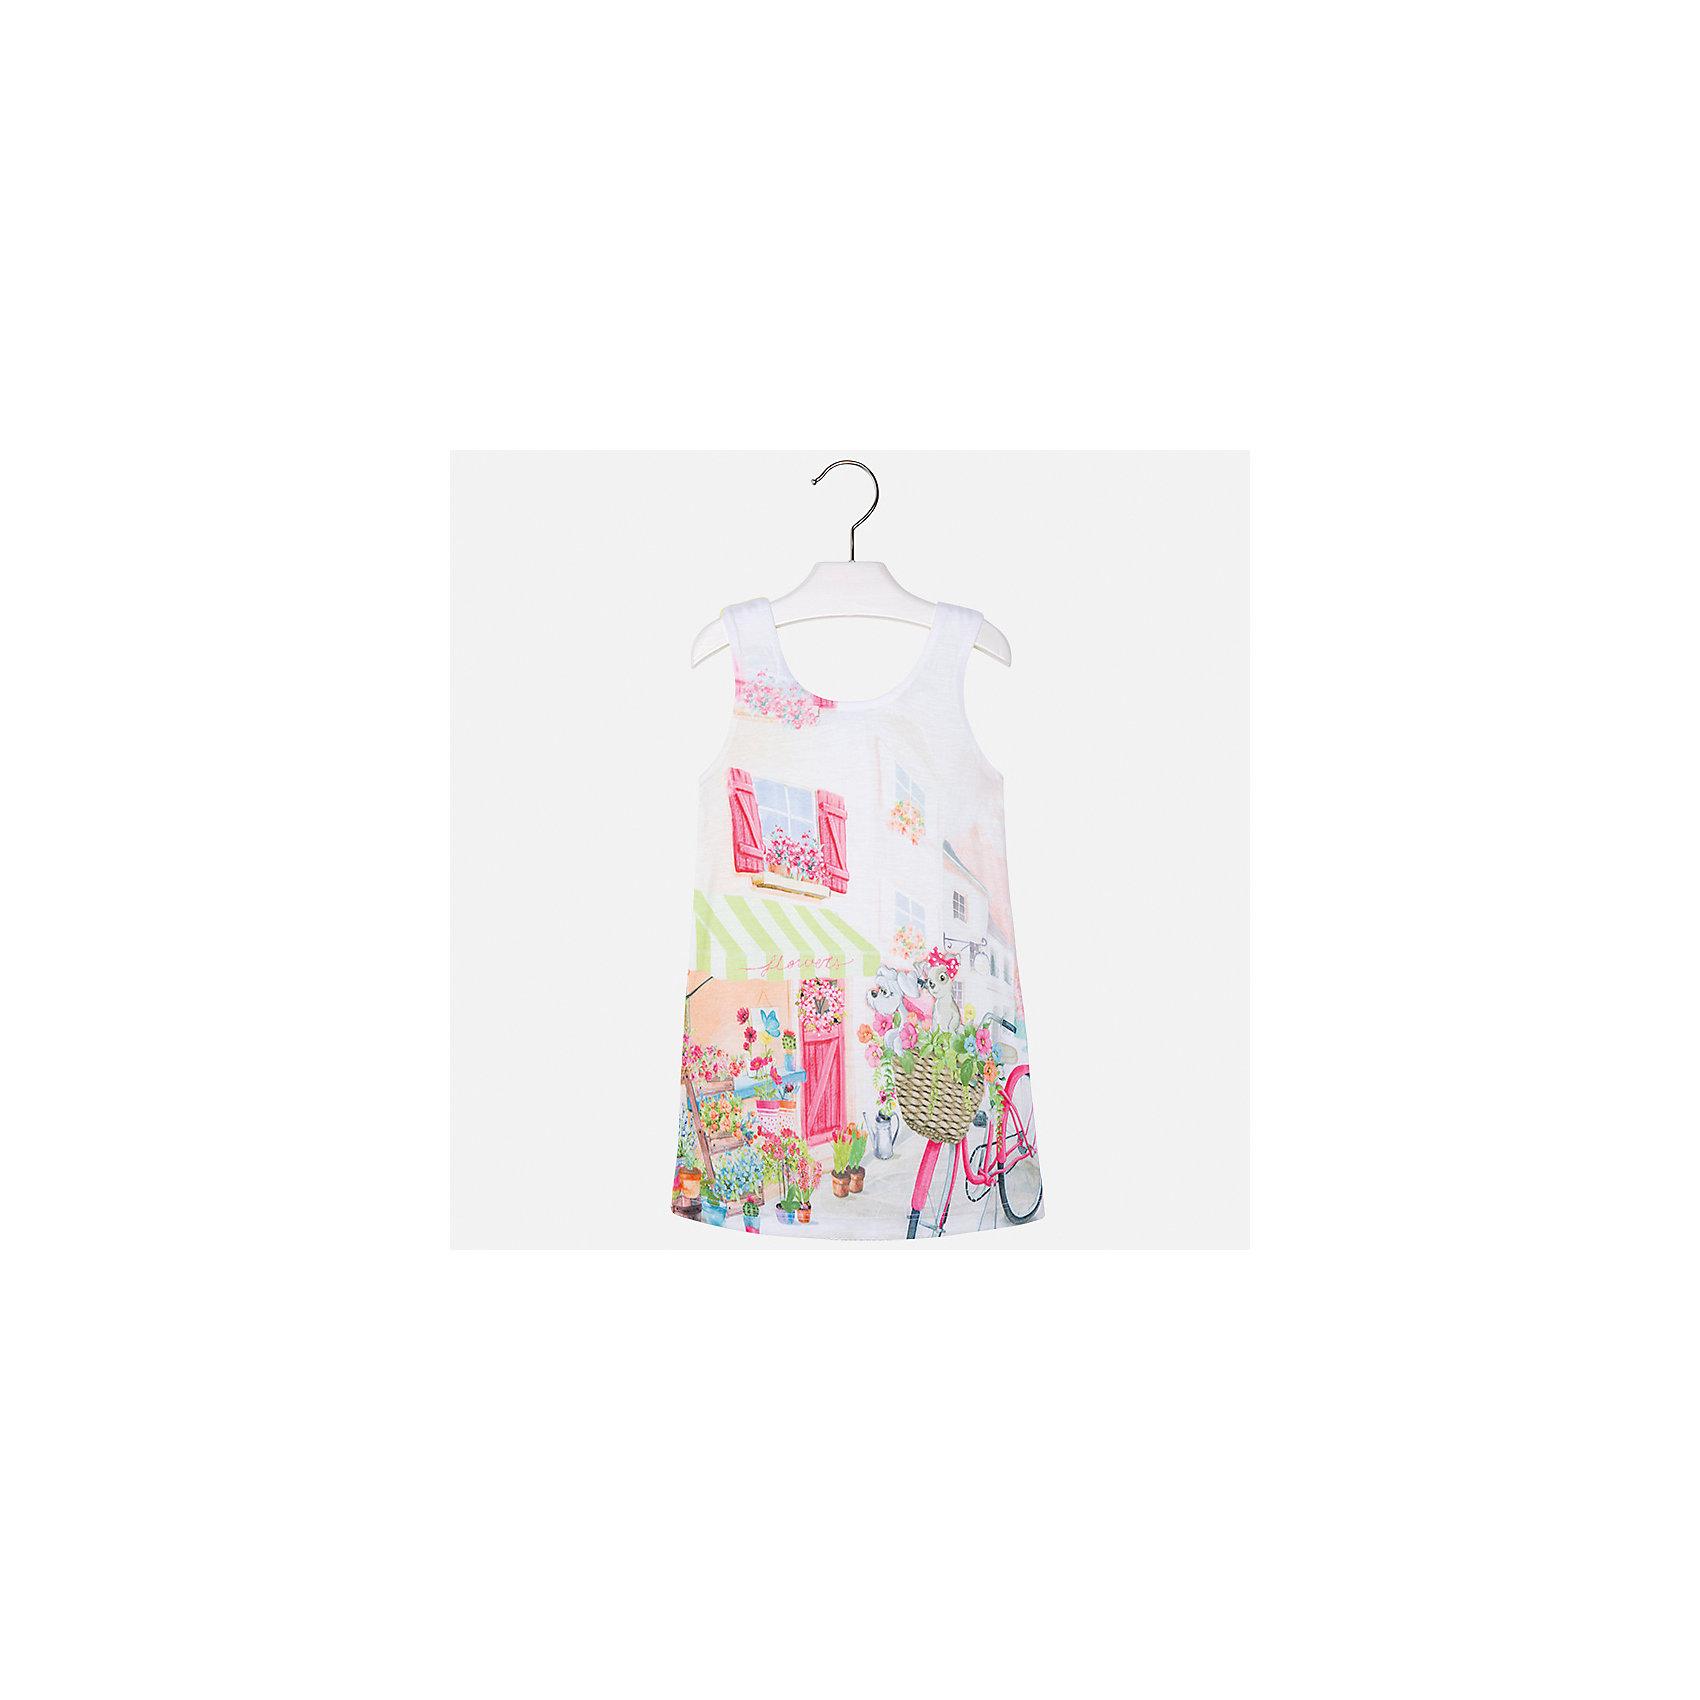 Платье для девочки MayoralПлатья и сарафаны<br>Характеристики товара:<br><br>• цвет: белый/жёлтый<br>• состав: 92% хлопок, 8% эластан, подкладка - 100% полиэстер<br>• без застежки<br>• принт<br>• без рукавов<br>• с подкладкой<br>• страна бренда: Испания<br><br>Модное красивое платье для девочки поможет разнообразить гардероб ребенка и создать эффектный наряд. Оно отлично подойдет для различных случаев. Платье хорошо сидит по фигуре. . В составе материала - натуральный хлопок, гипоаллергенный, приятный на ощупь, дышащий.<br><br>Платье для девочки от испанского бренда Mayoral (Майорал) можно купить в нашем интернет-магазине.<br><br>Ширина мм: 236<br>Глубина мм: 16<br>Высота мм: 184<br>Вес г: 177<br>Цвет: желтый<br>Возраст от месяцев: 72<br>Возраст до месяцев: 84<br>Пол: Женский<br>Возраст: Детский<br>Размер: 122,98,104,110,116<br>SKU: 5292452